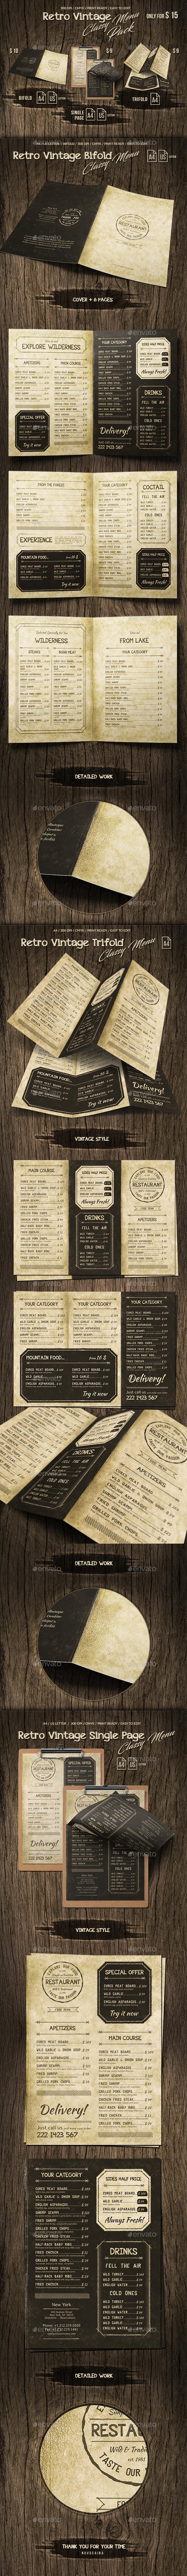 GraphicRiver Retro Vintage Classy Menu Bundle 20681361